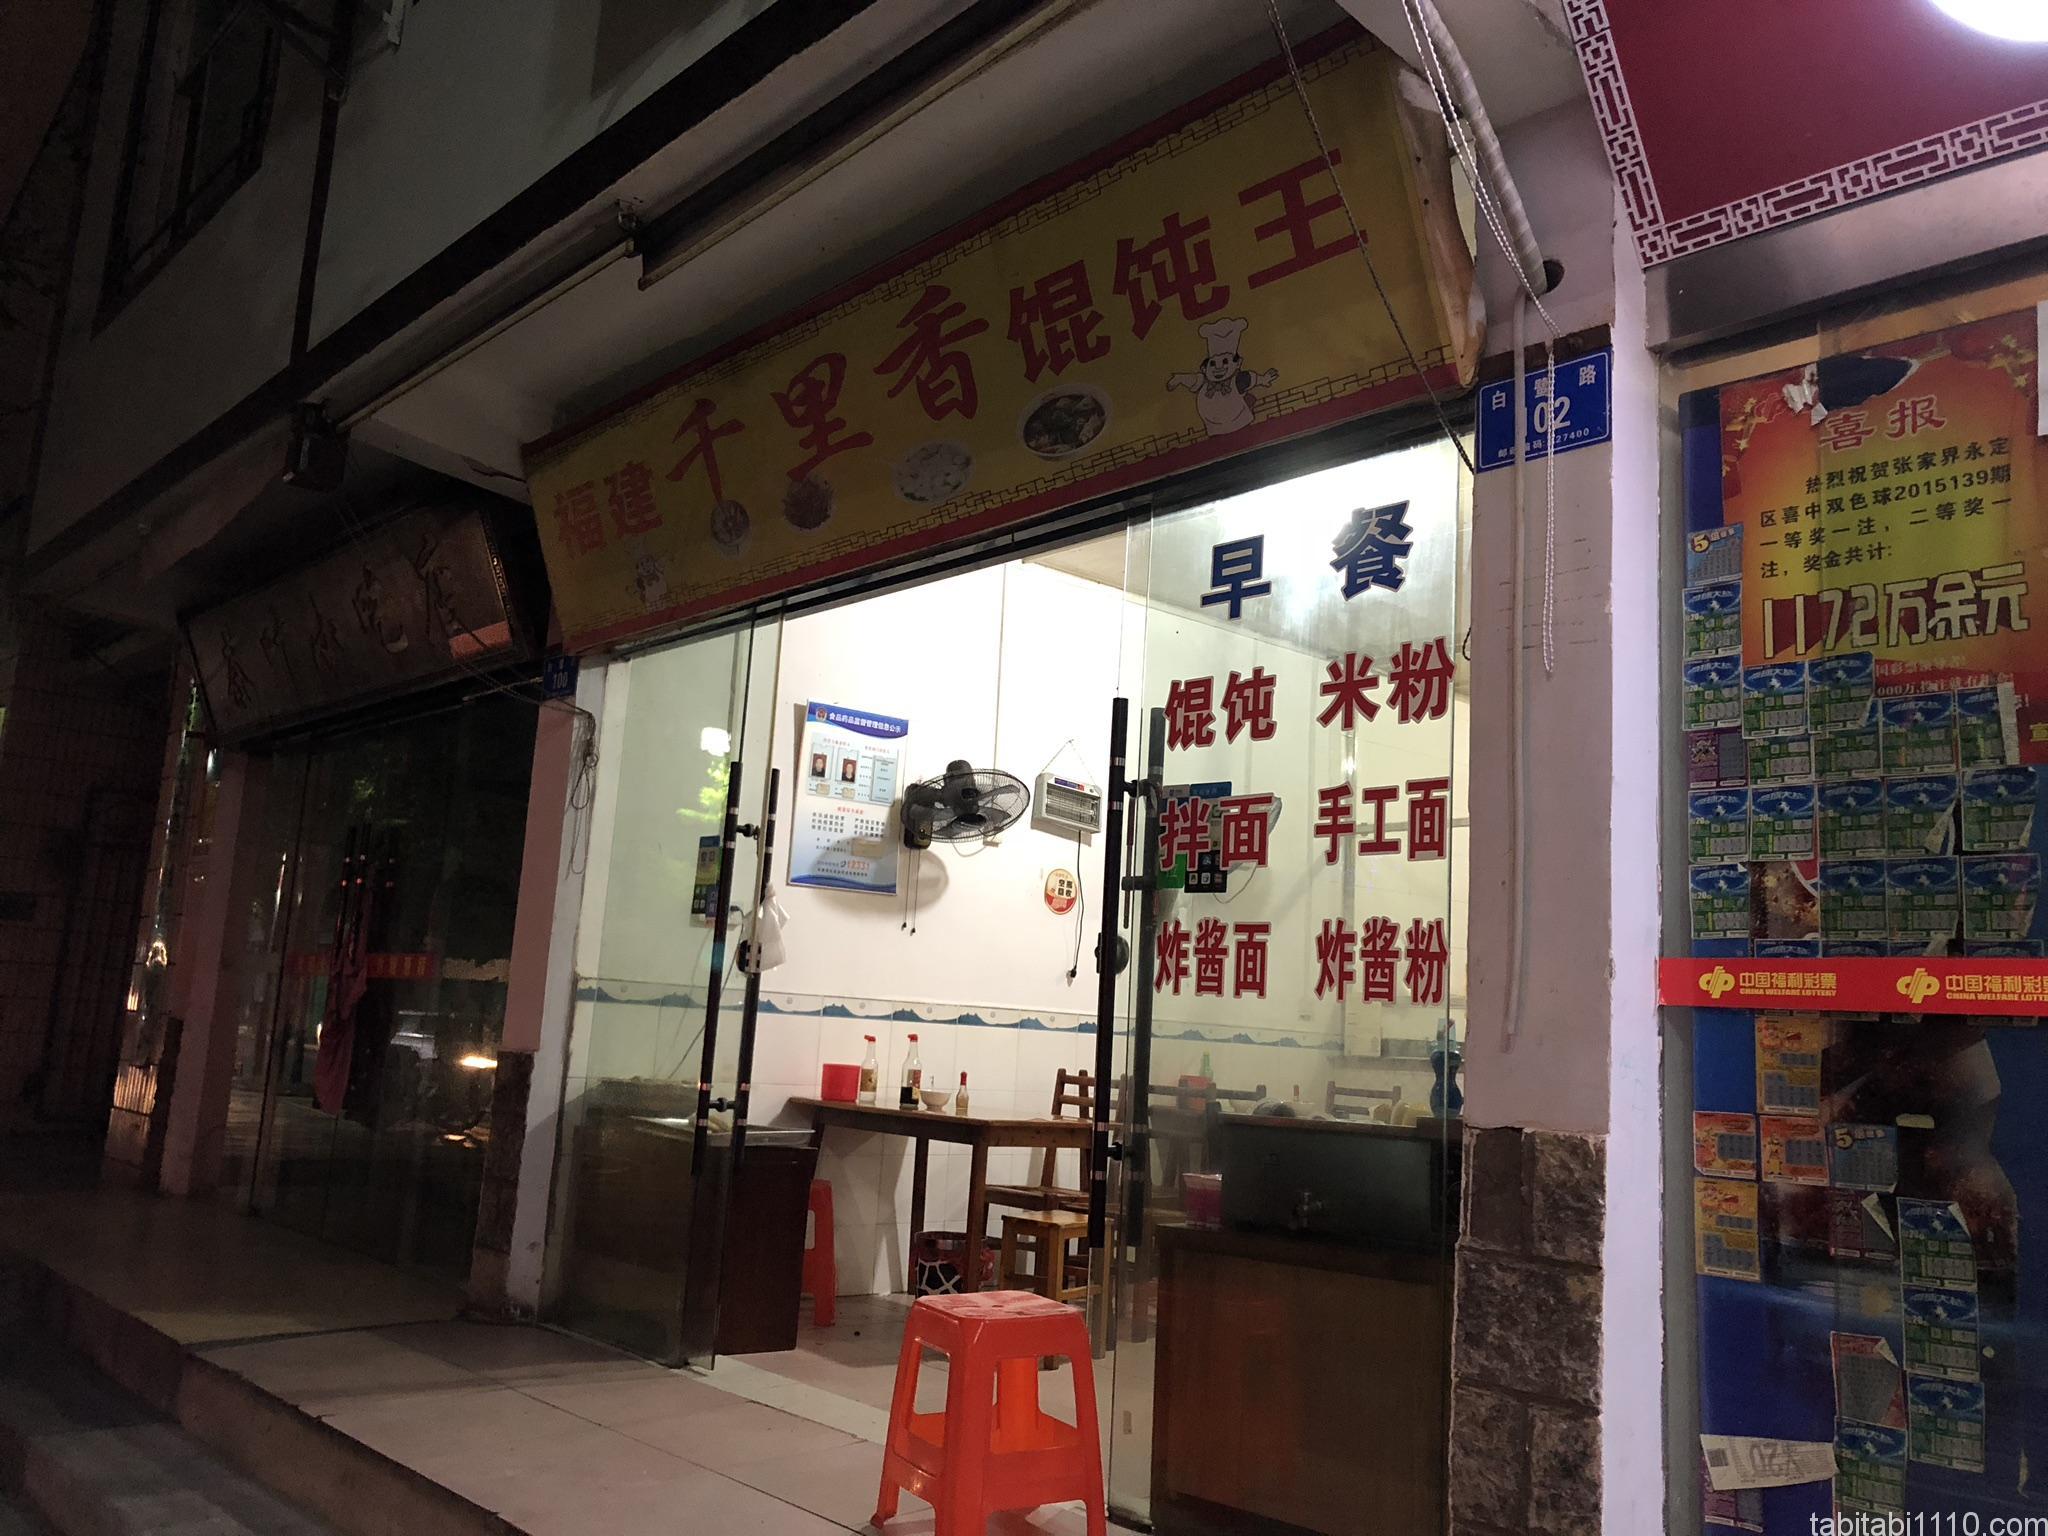 武陵源の食事|おすすめ中華料理店『千里香ワンタン王』